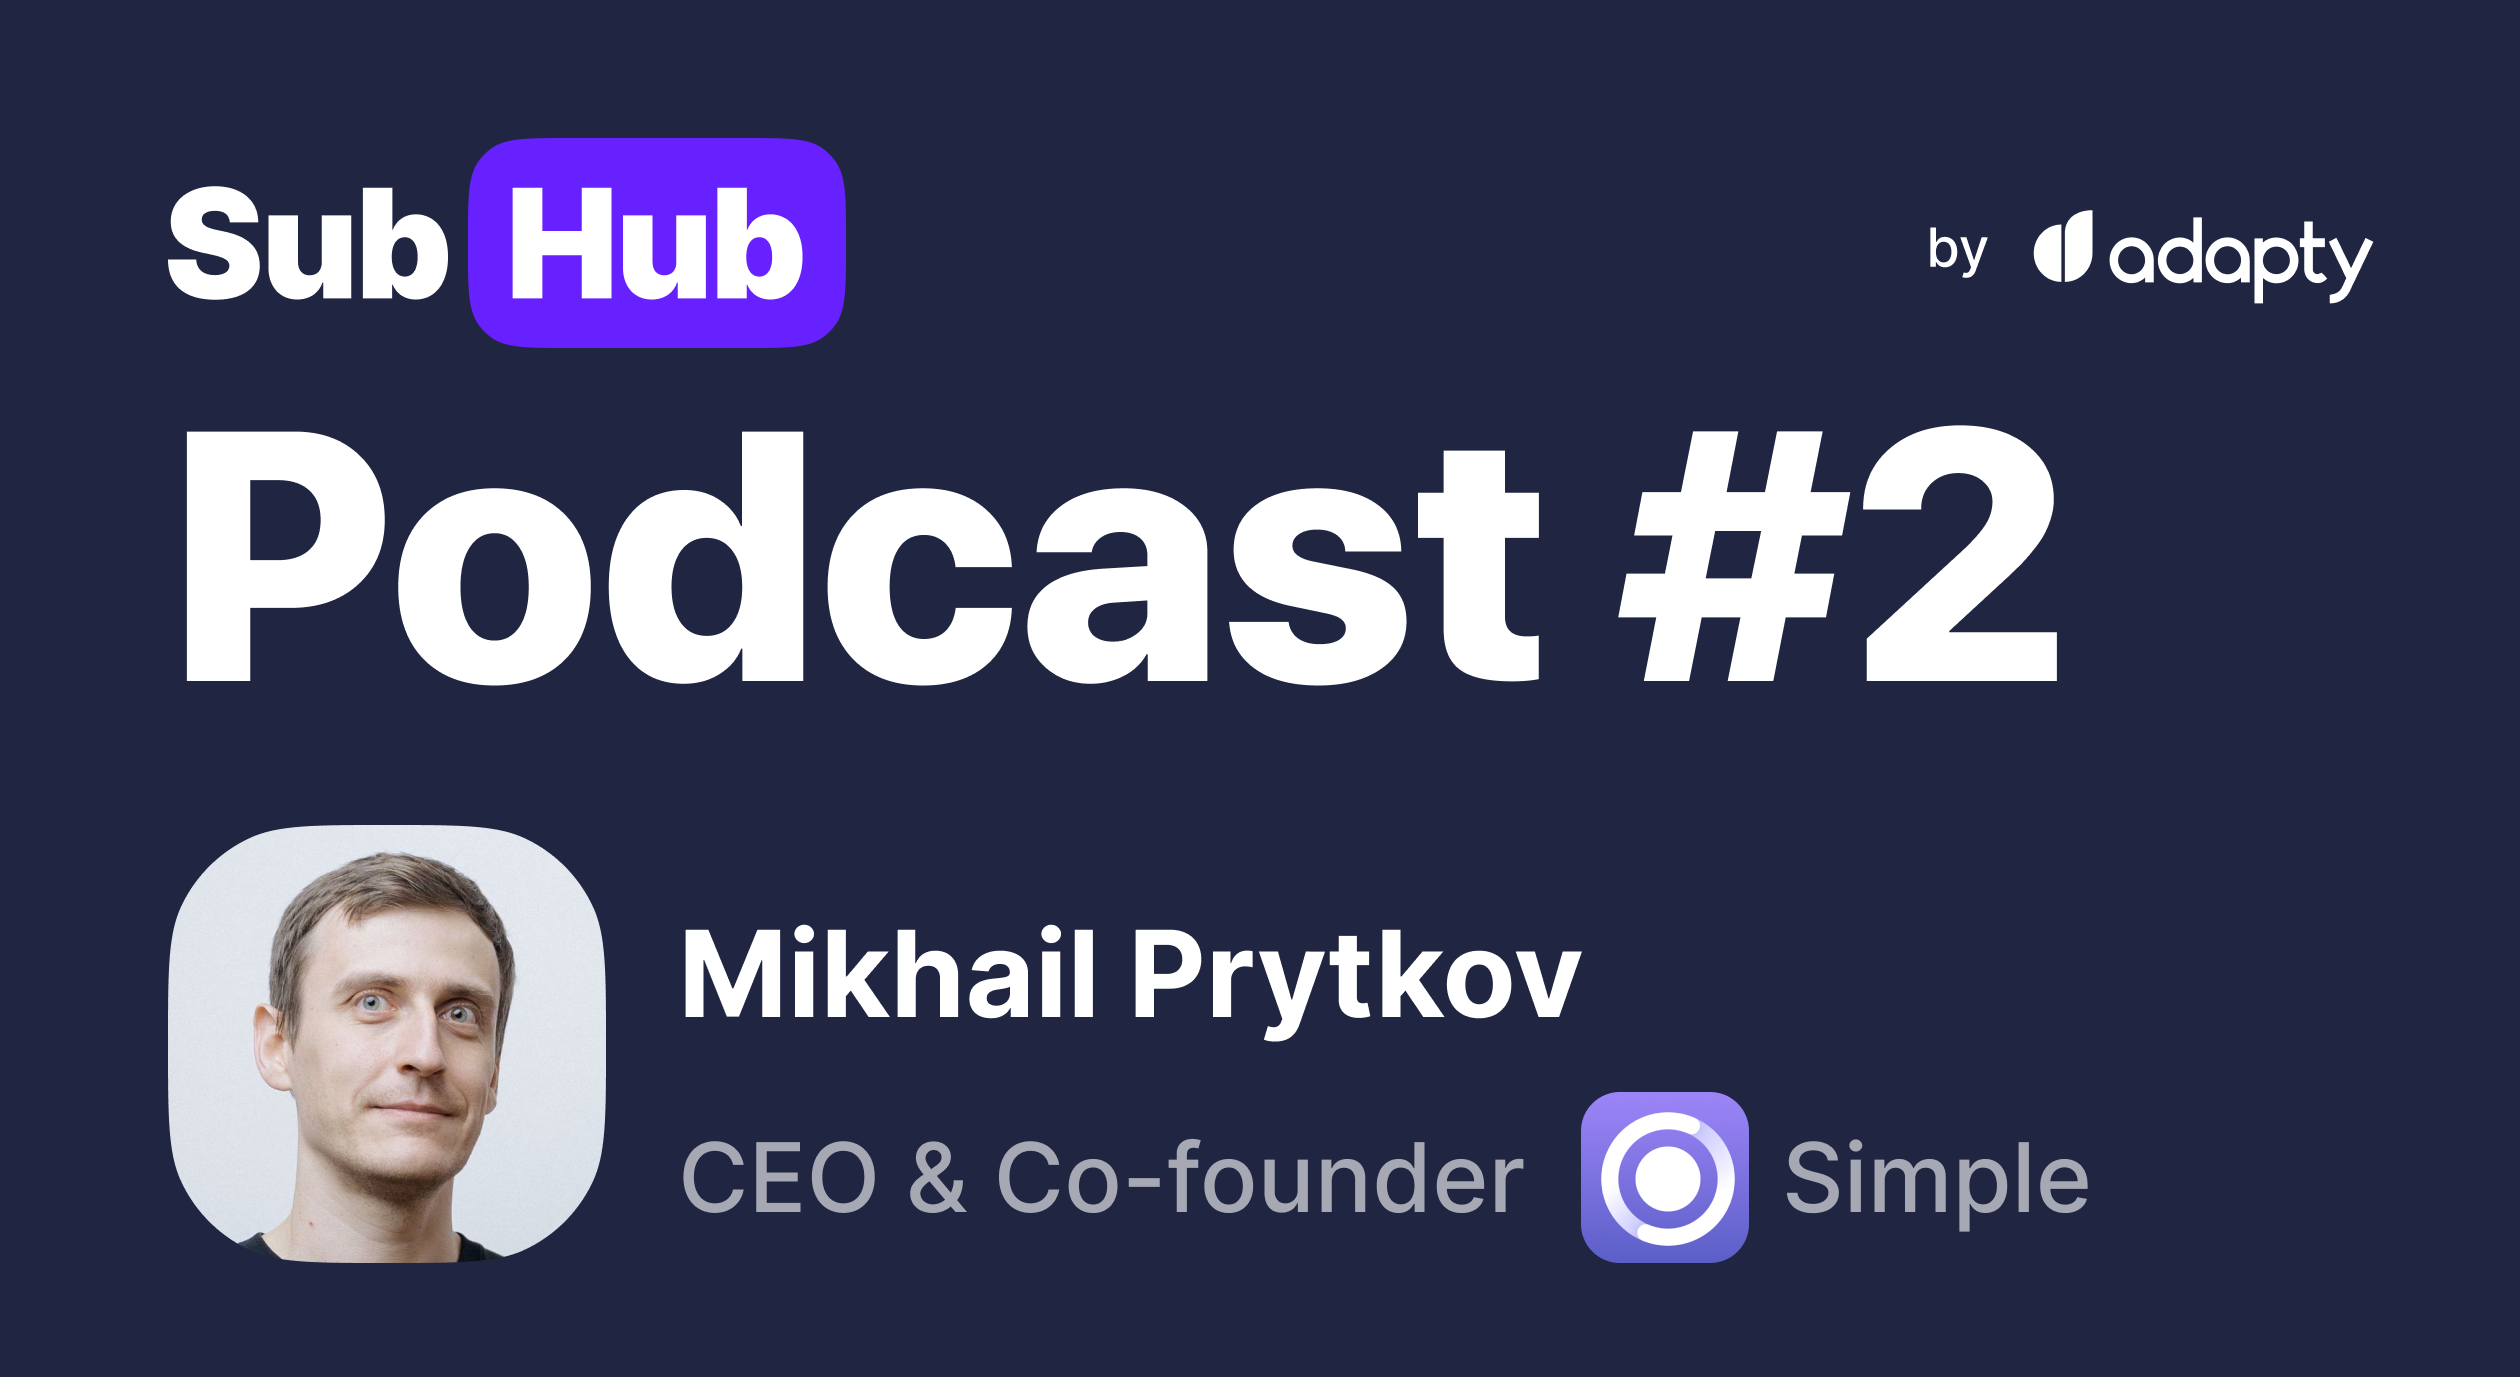 #2 SubHub Podcast: Mikhail Prytkov from Simple